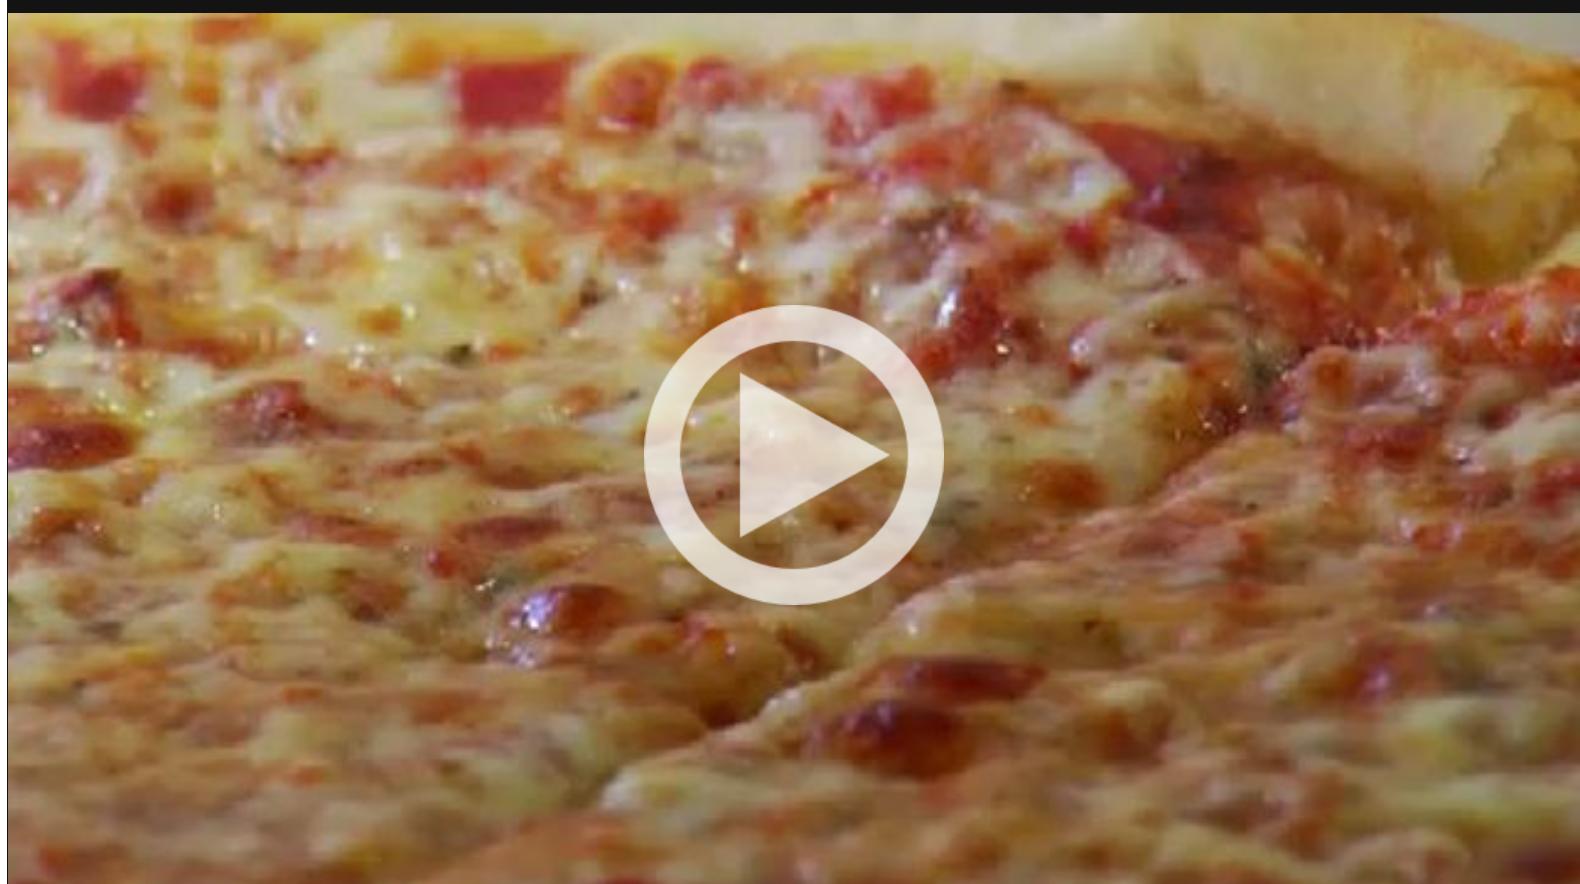 Riggi pizza video image